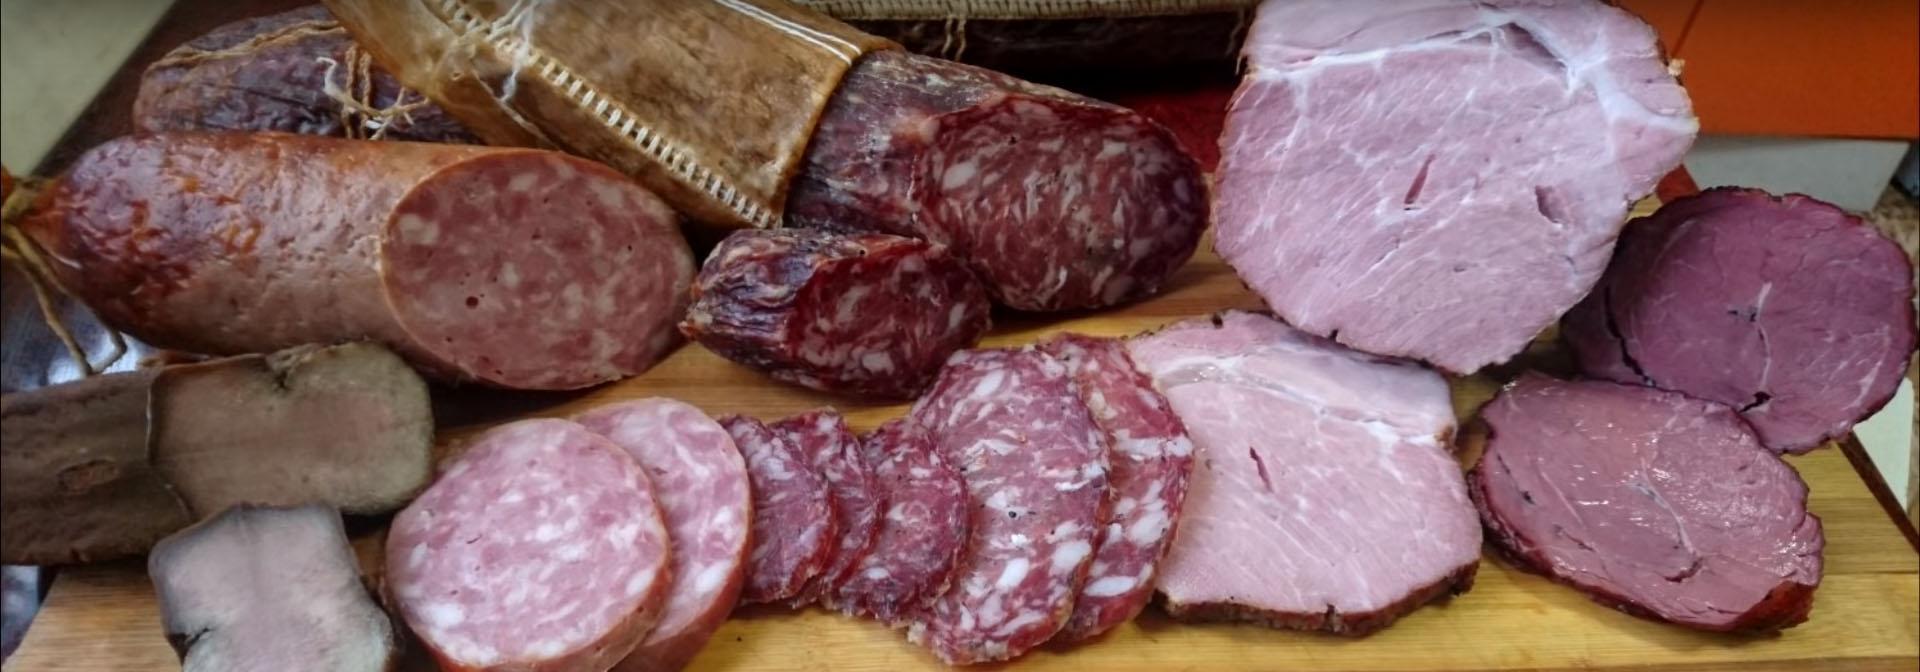 мясные продукты с нитритной солью